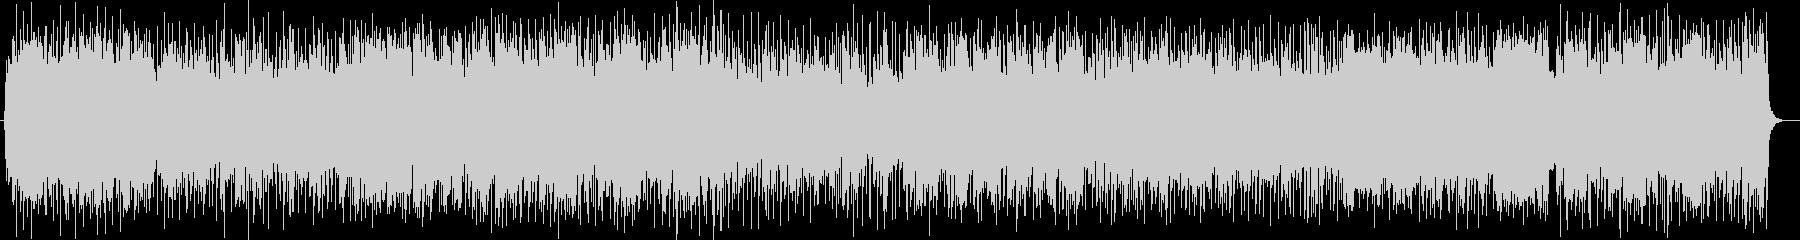 吹奏楽調の軽快なポップスの未再生の波形